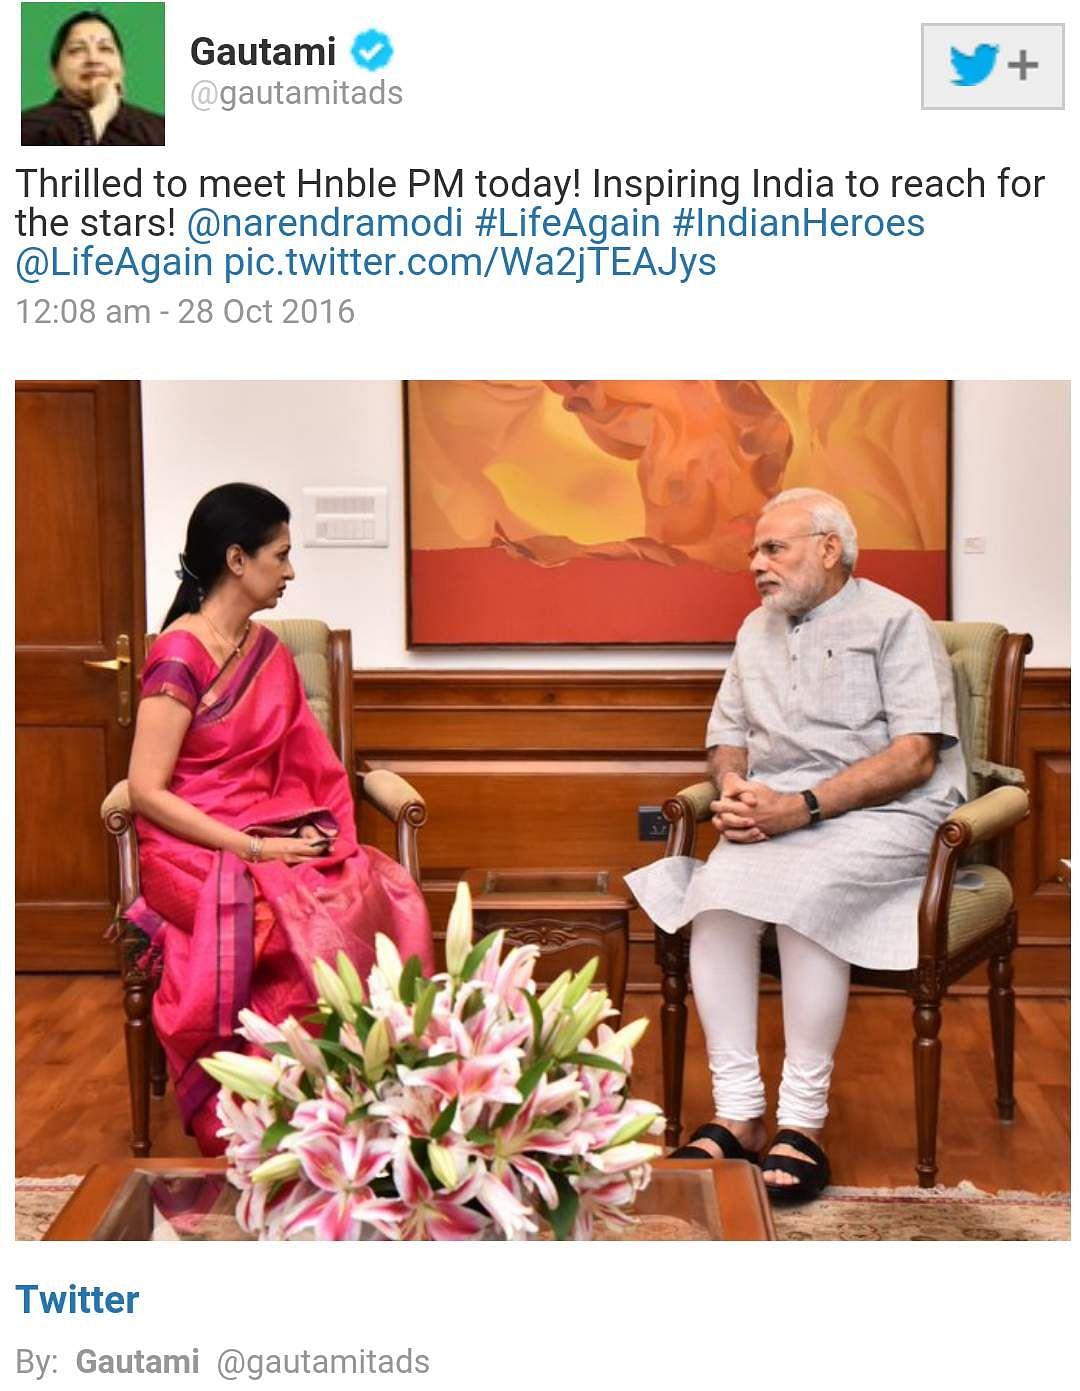 A quake will come if I speak in Parliament: Rahul Gandhi